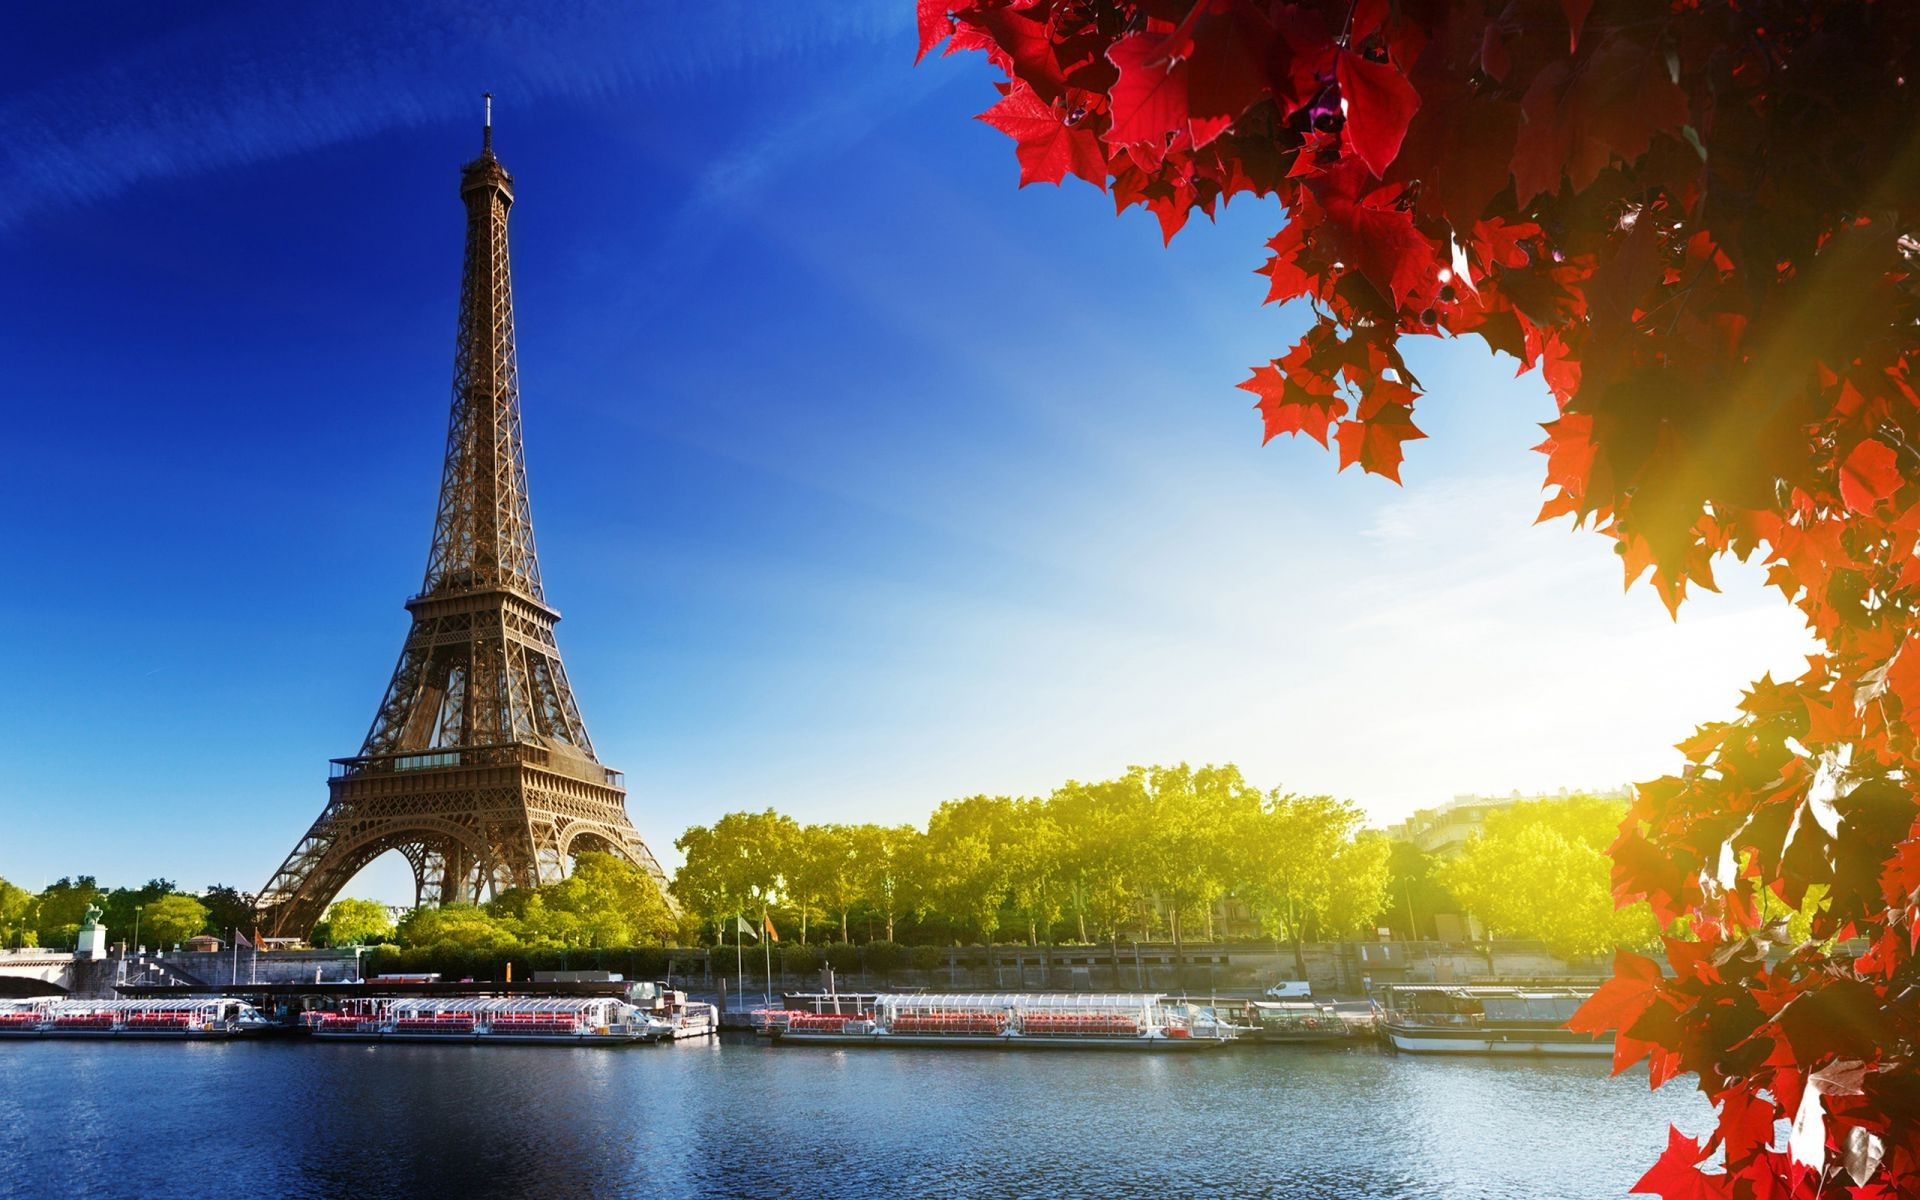 Эйфелева башня фото красивые